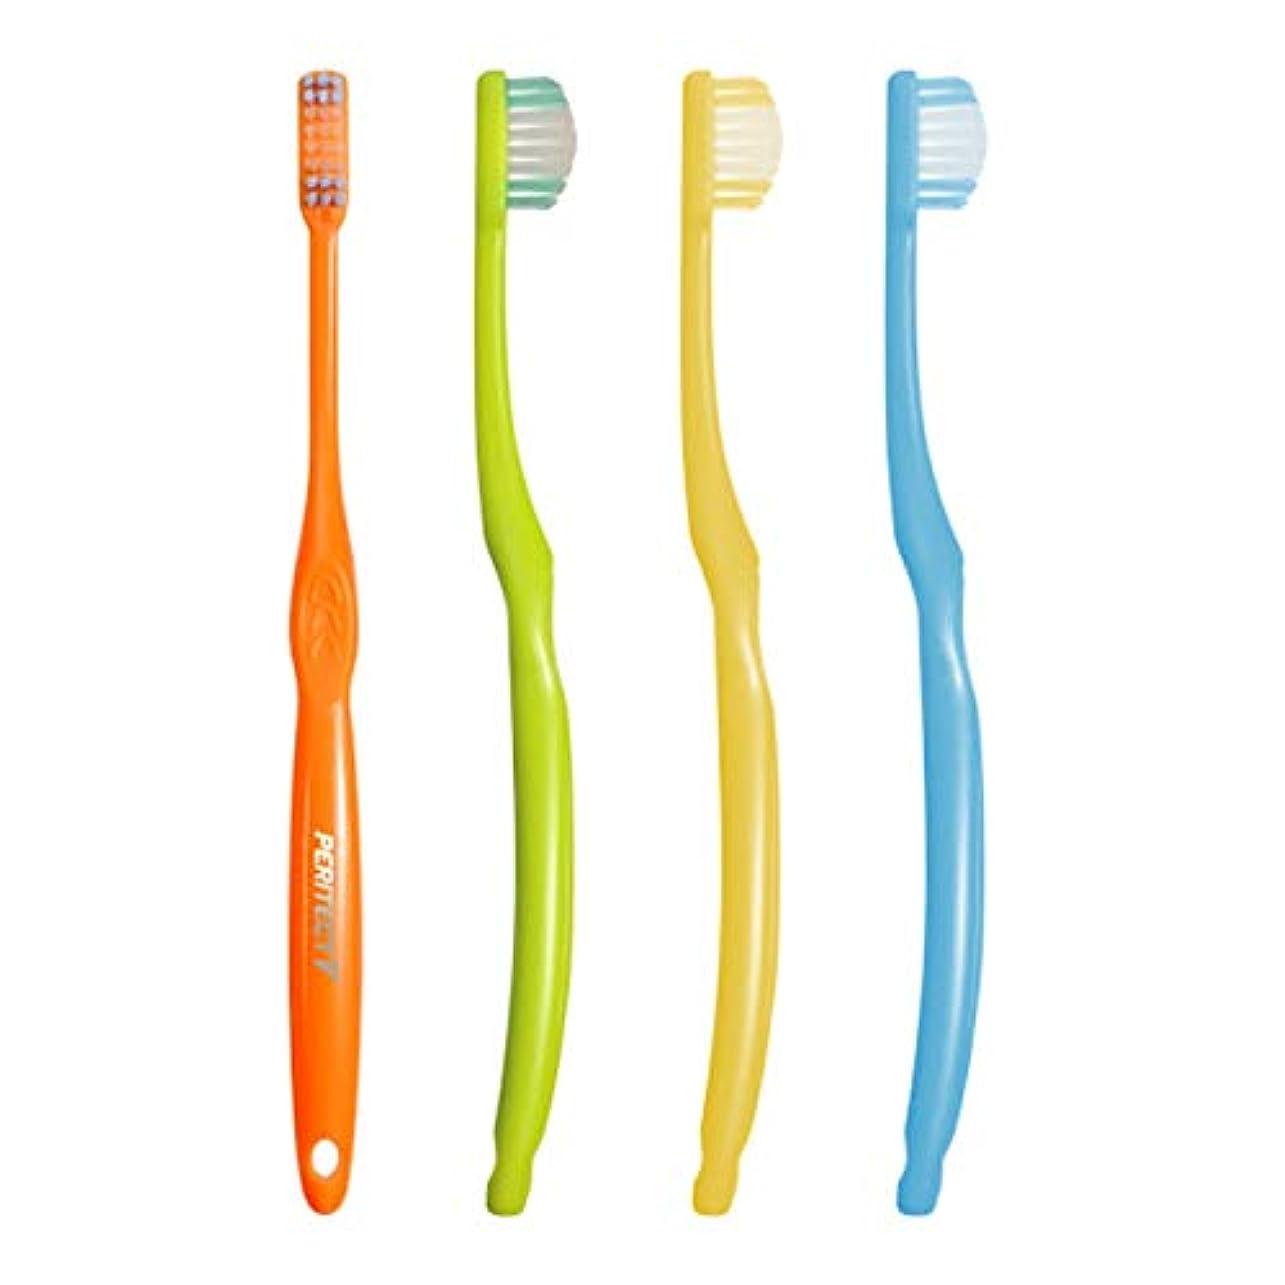 指導する和らげるロードハウスビーブランド PERITECT V ペリテクト ブイ 歯ブラシ (6M やわらかめ) × 5本 歯科専売品